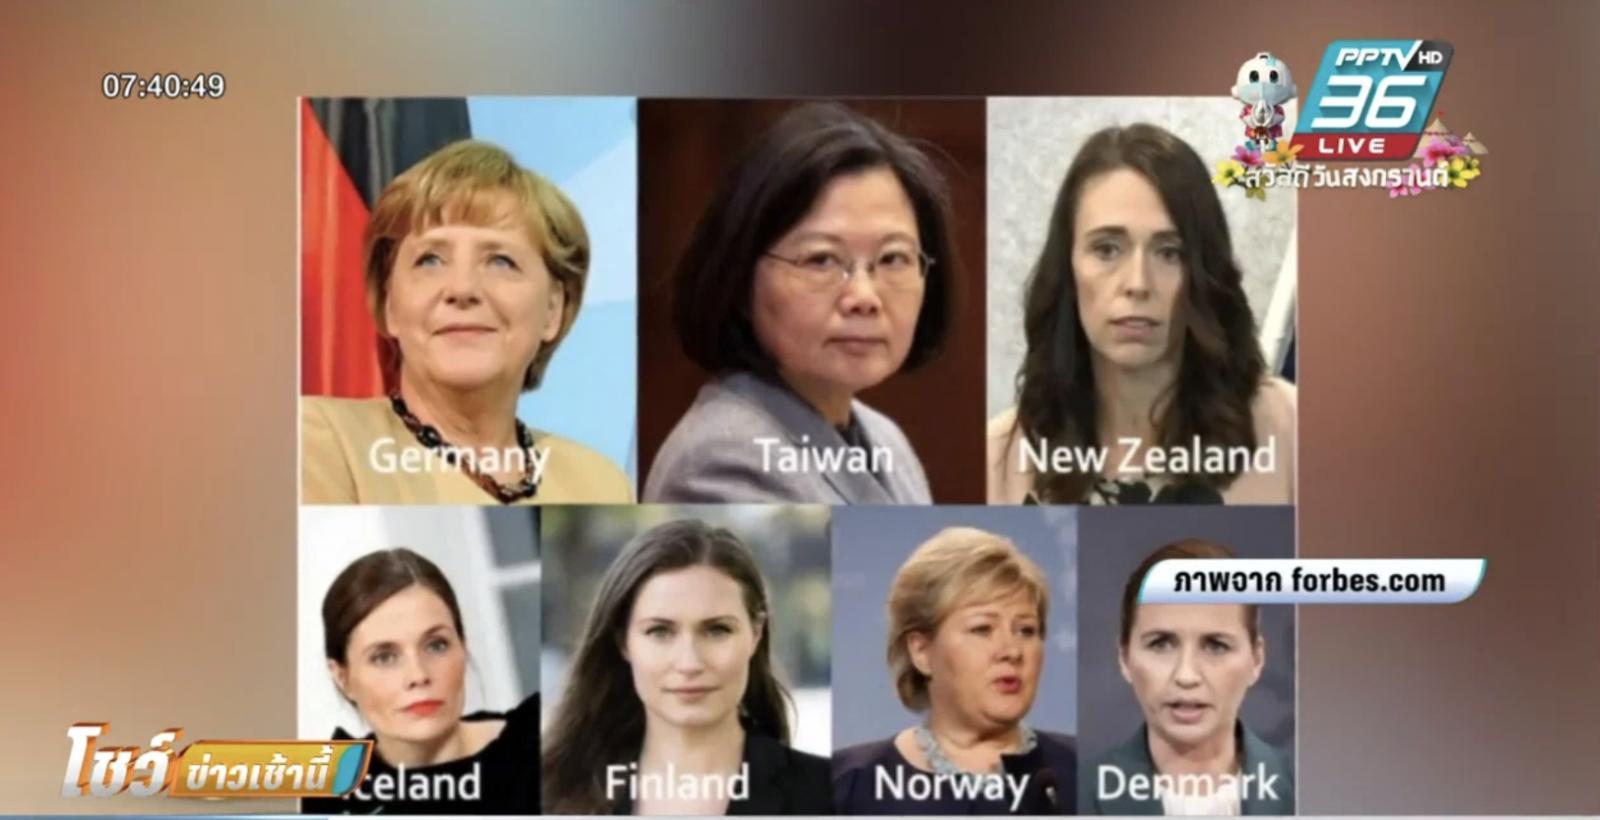 """""""ฟอร์บส์"""" ชี้หลายประเทศที่รับมือโควิด-19 ได้ดีมีผู้นำหญิง"""